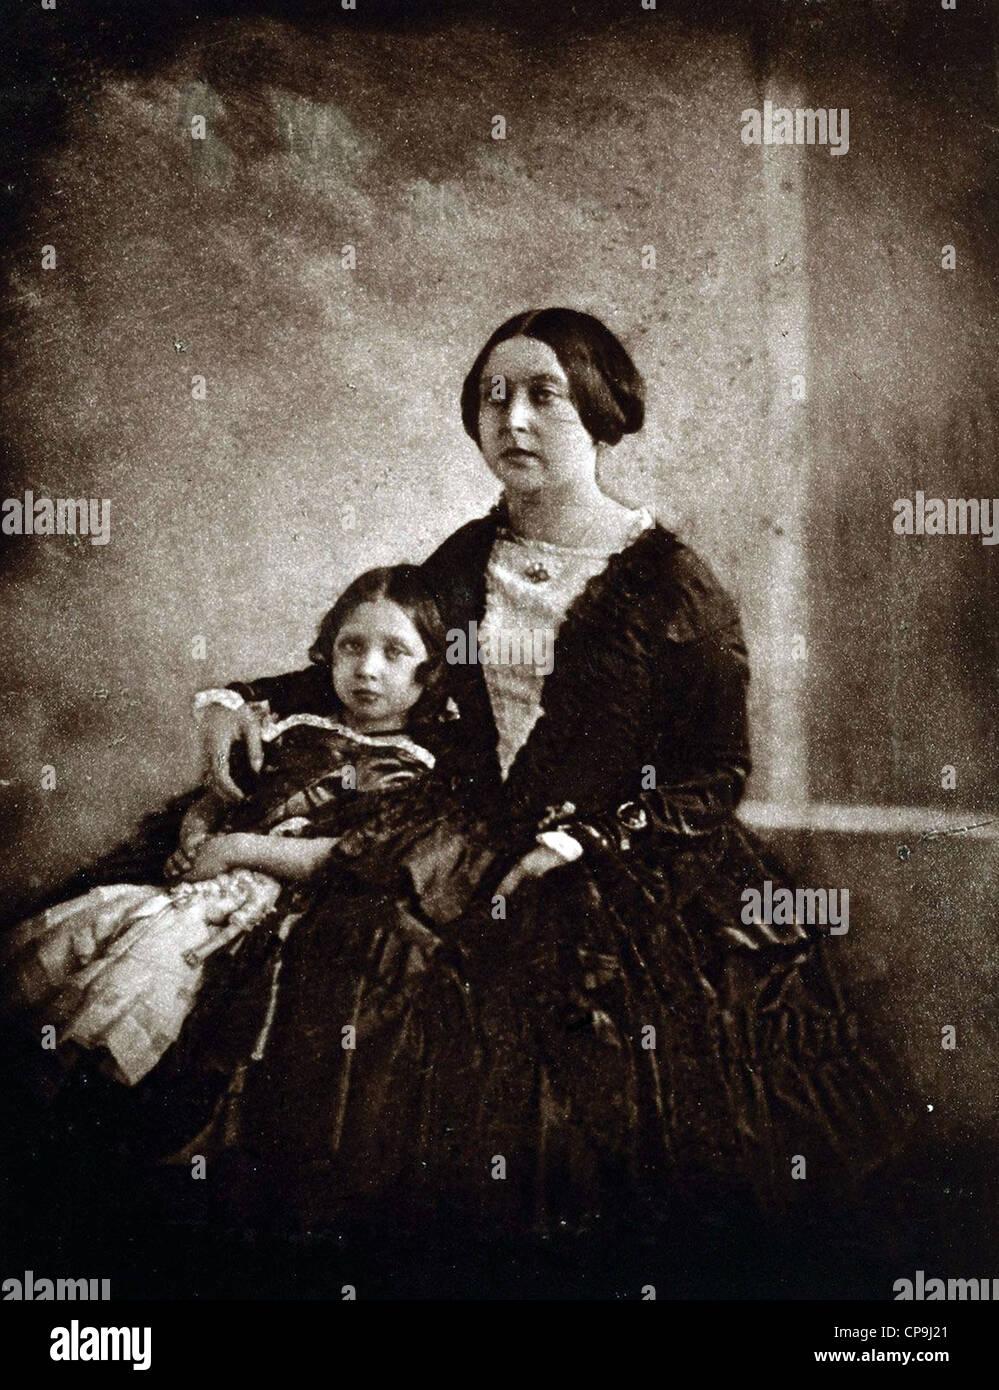 La reina Victoria, con la Princesa Real, circa 1844-5 Imagen De Stock